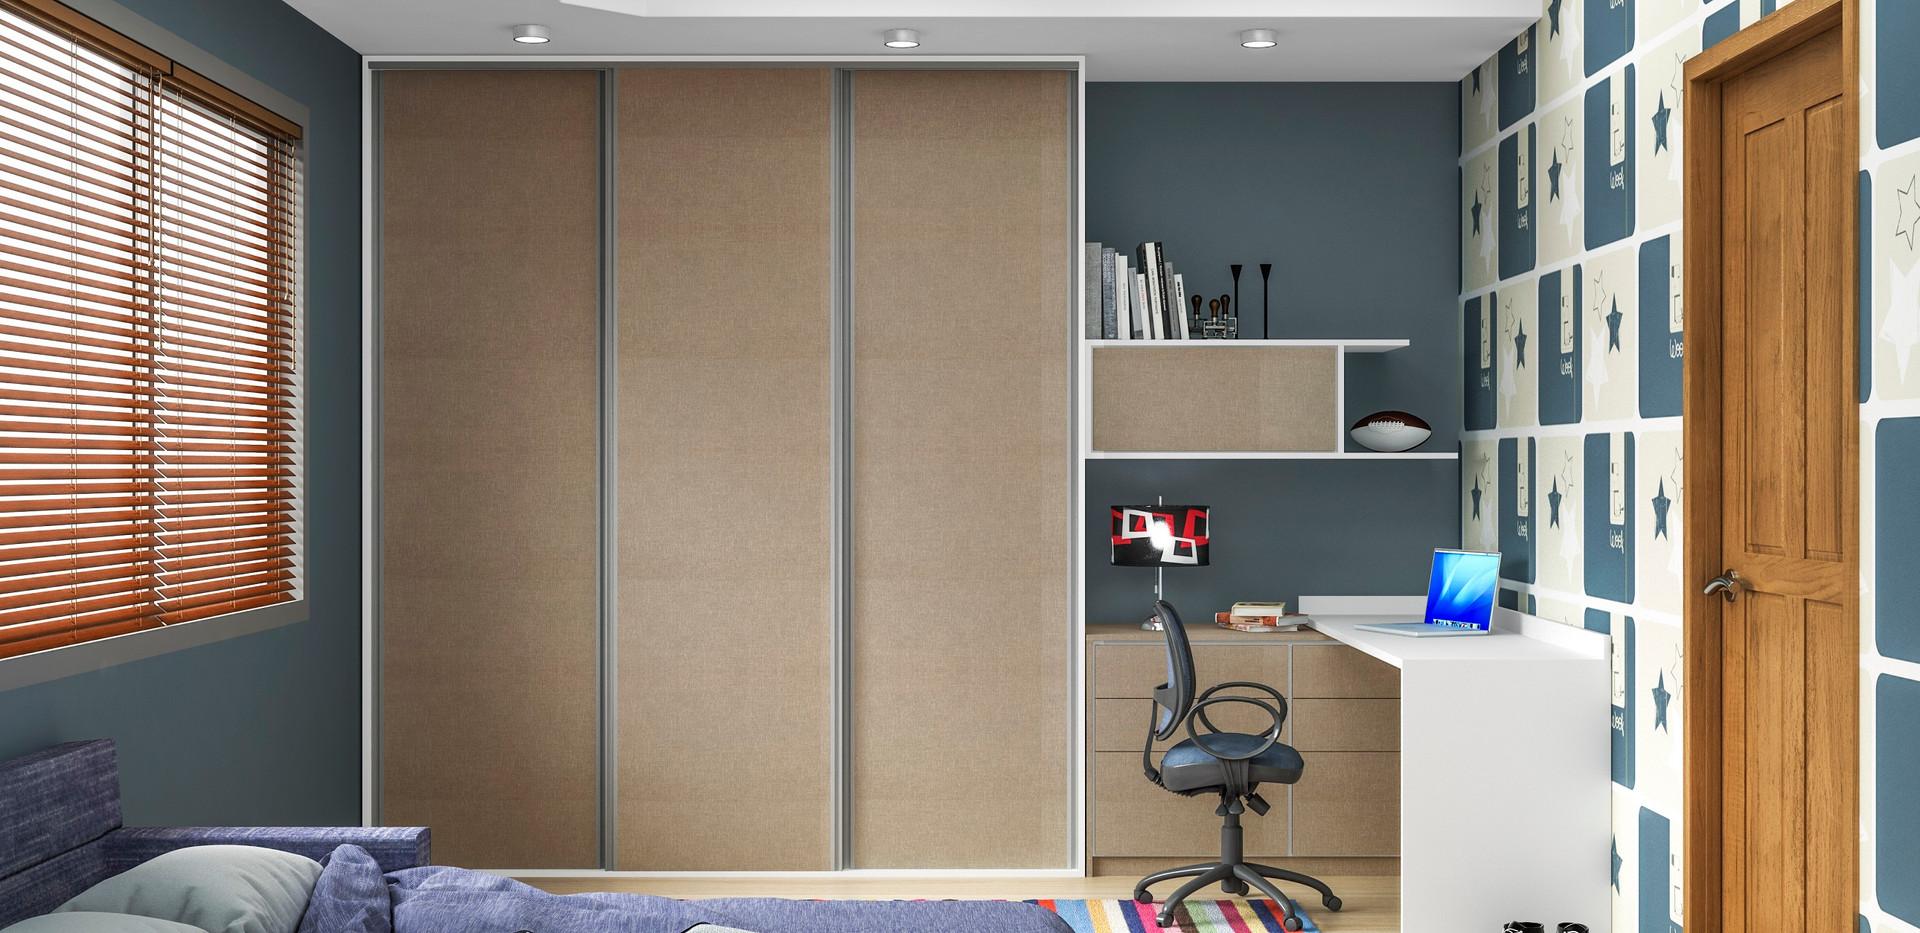 dor01  dormitorio quarto planejada plane